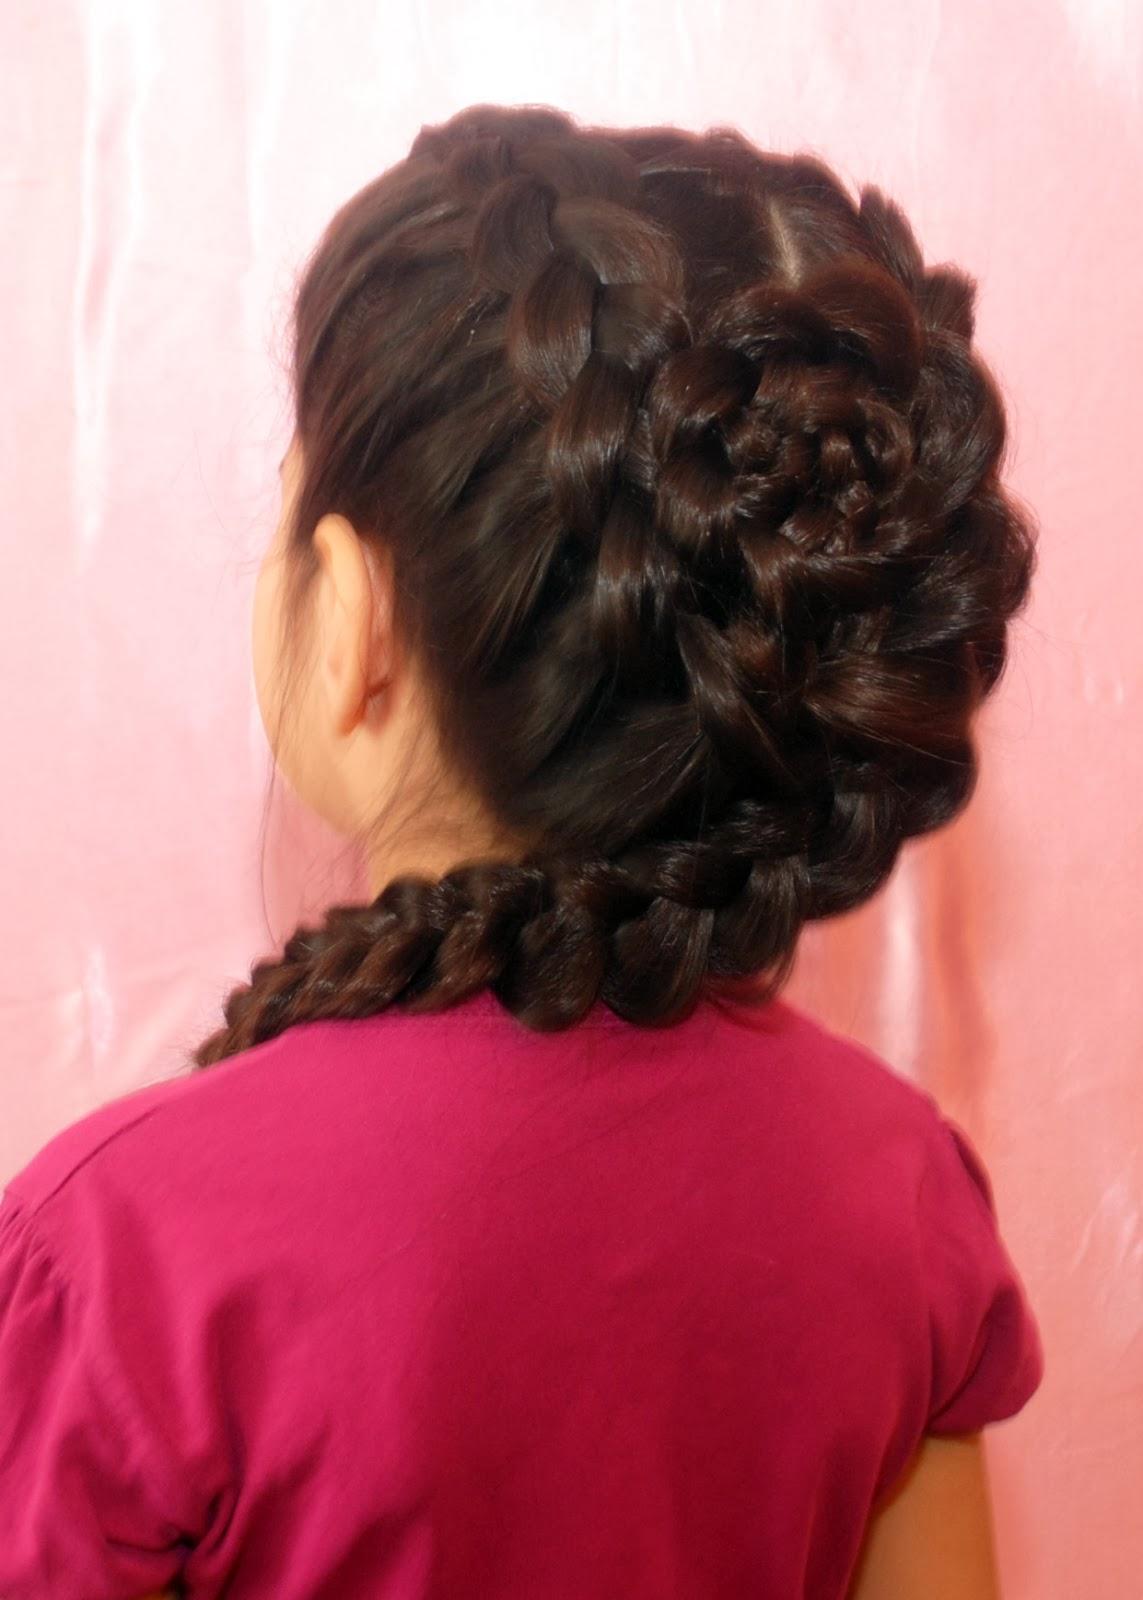 Прически для девочек один коса